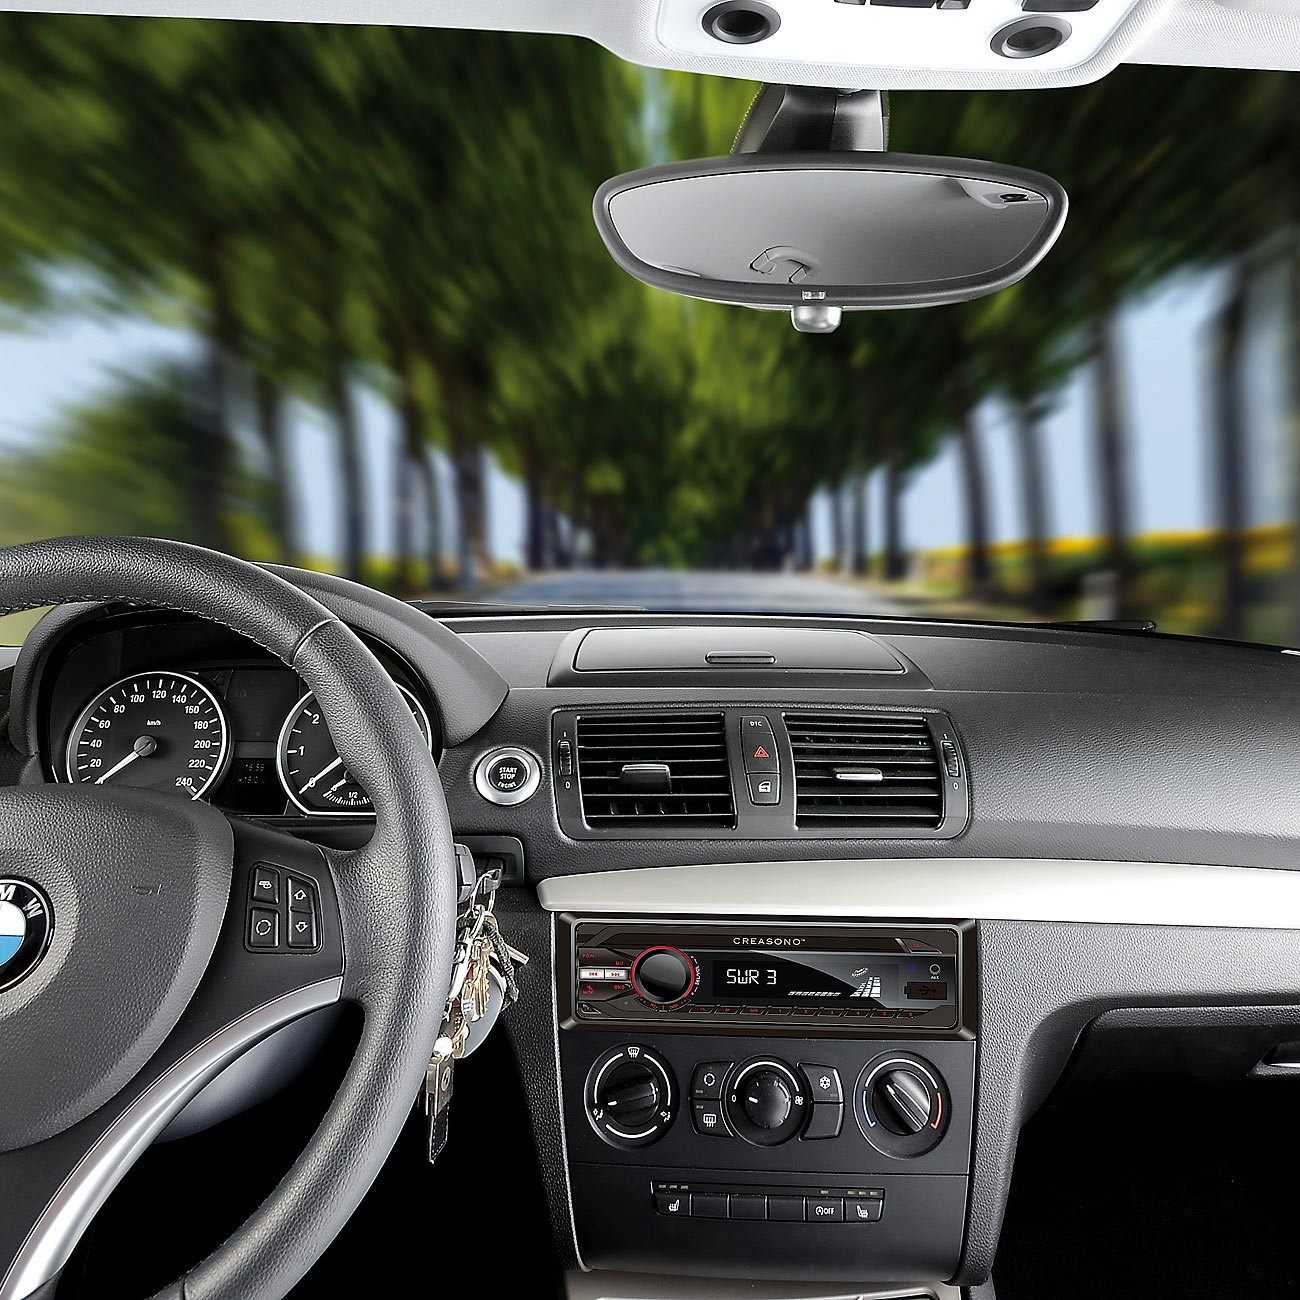 Autoradio-Musik-bei-der-Fahrt